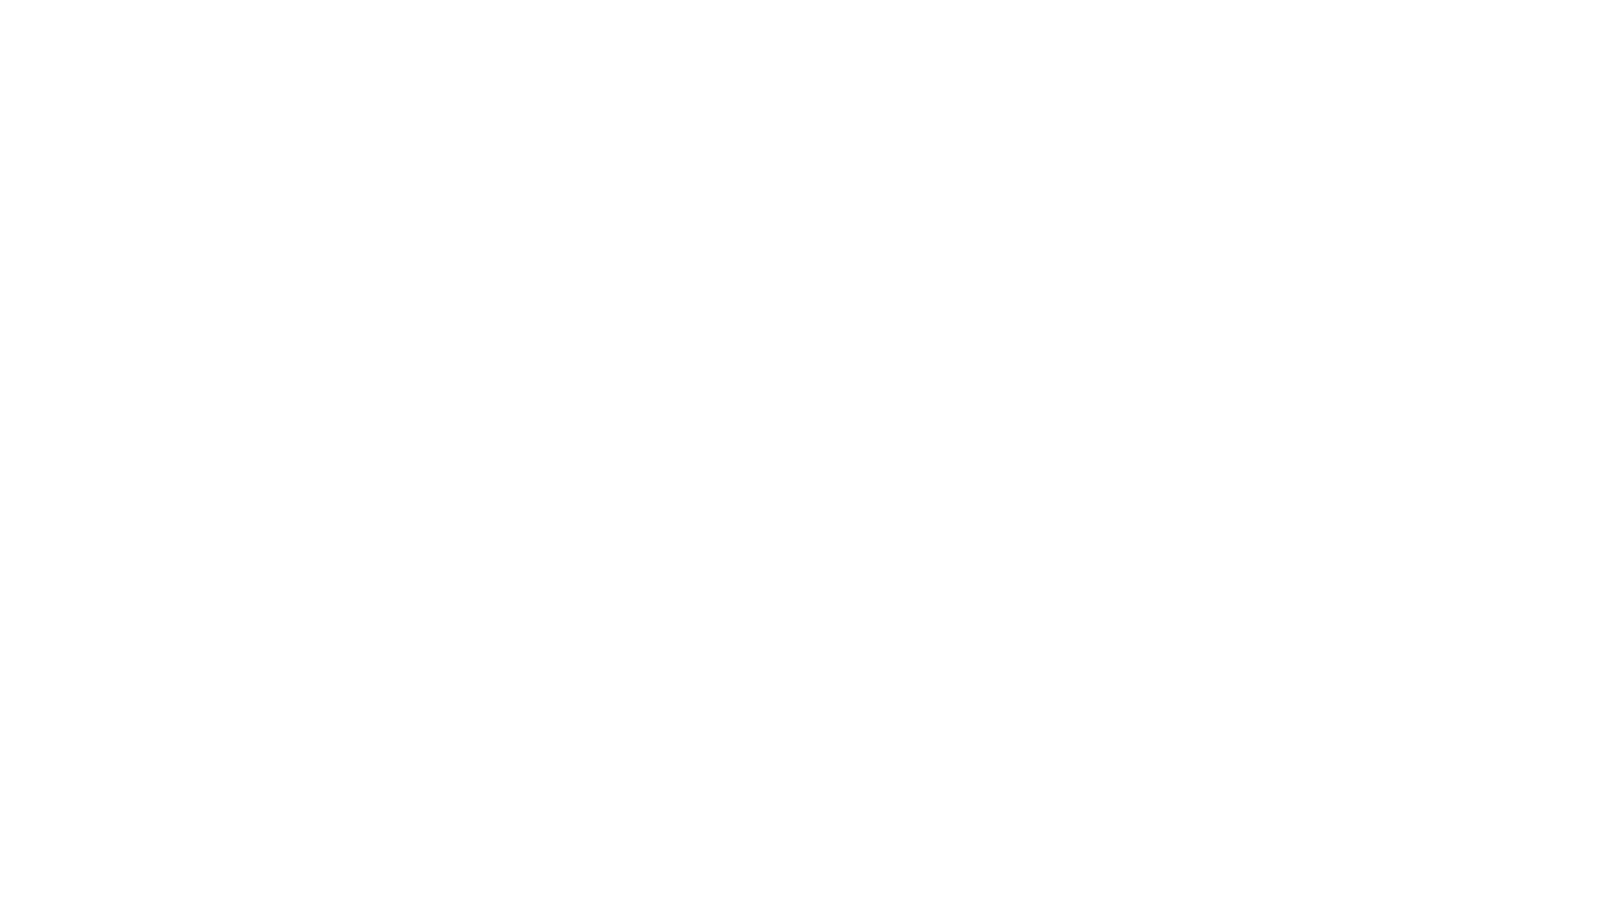 Conferencia Inaugural del XXV Fórum Nacional de Estudiantes de las Ciencias Técnicas.Impartida por el DrC Yurisbel Gallardo Ballat,Rector de la Universidad de Ciego de Ávila Máximo Gómez Báez.